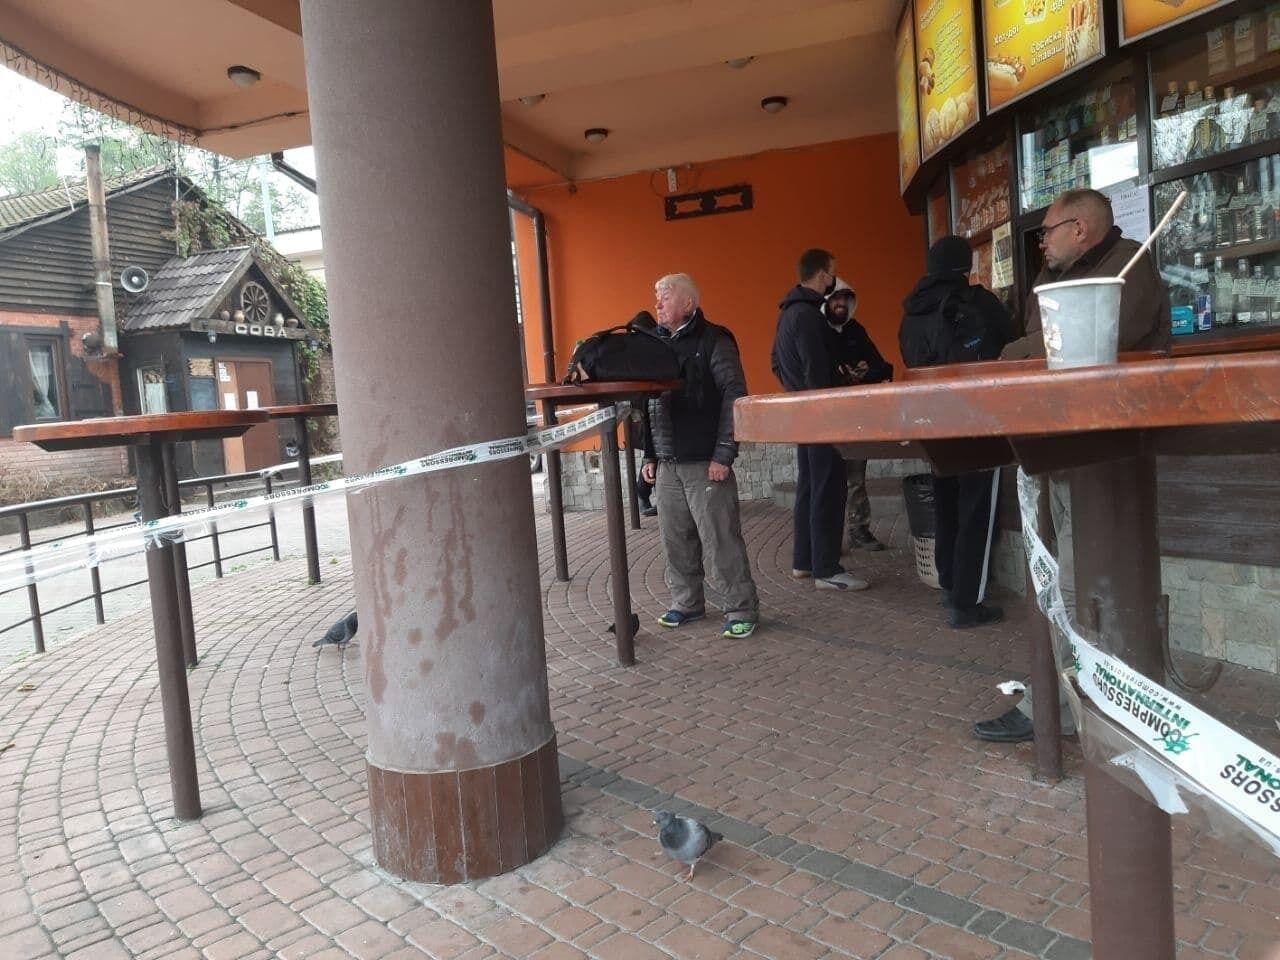 Кафе в Гидропарке обслуживает гостей.